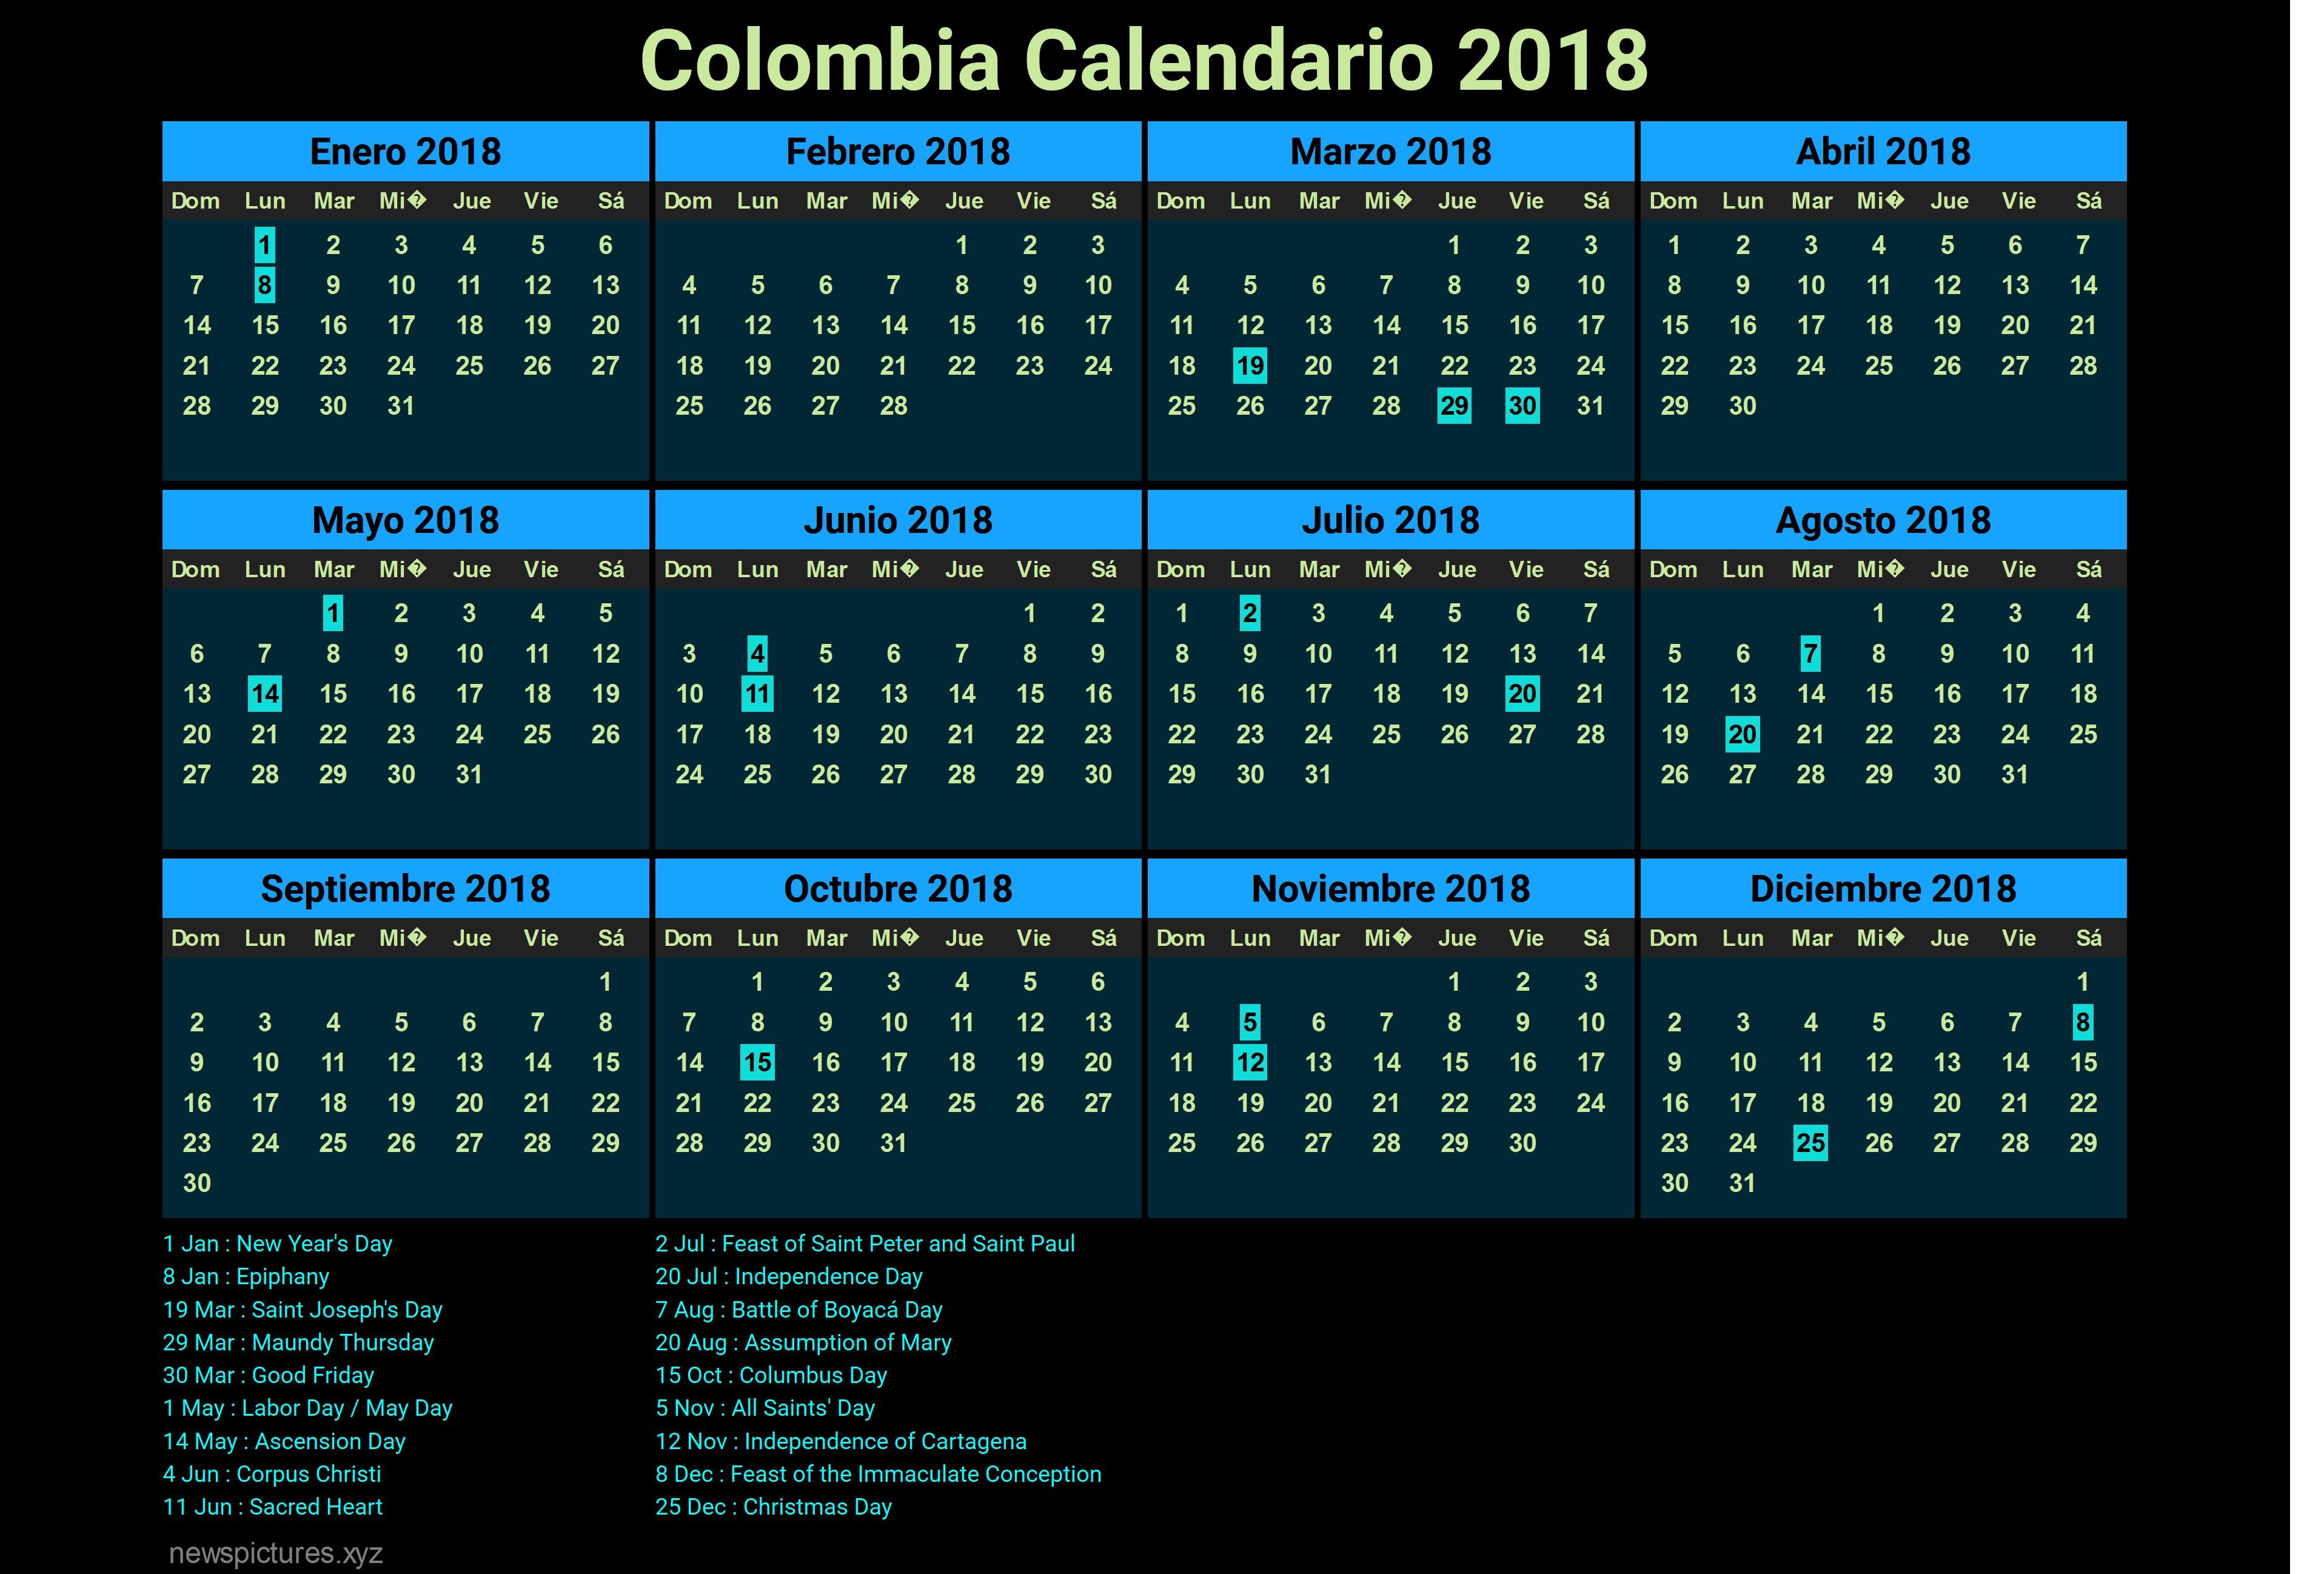 Almanaque 2019 Argentina Con Feriados Para Imprimir Más Recientemente Liberado 3267×2854 2018 Vie Newspictures Of Almanaque 2019 Argentina Con Feriados Para Imprimir Más Actual Calendario Junio 2018 Apuntes✏ Pinterest